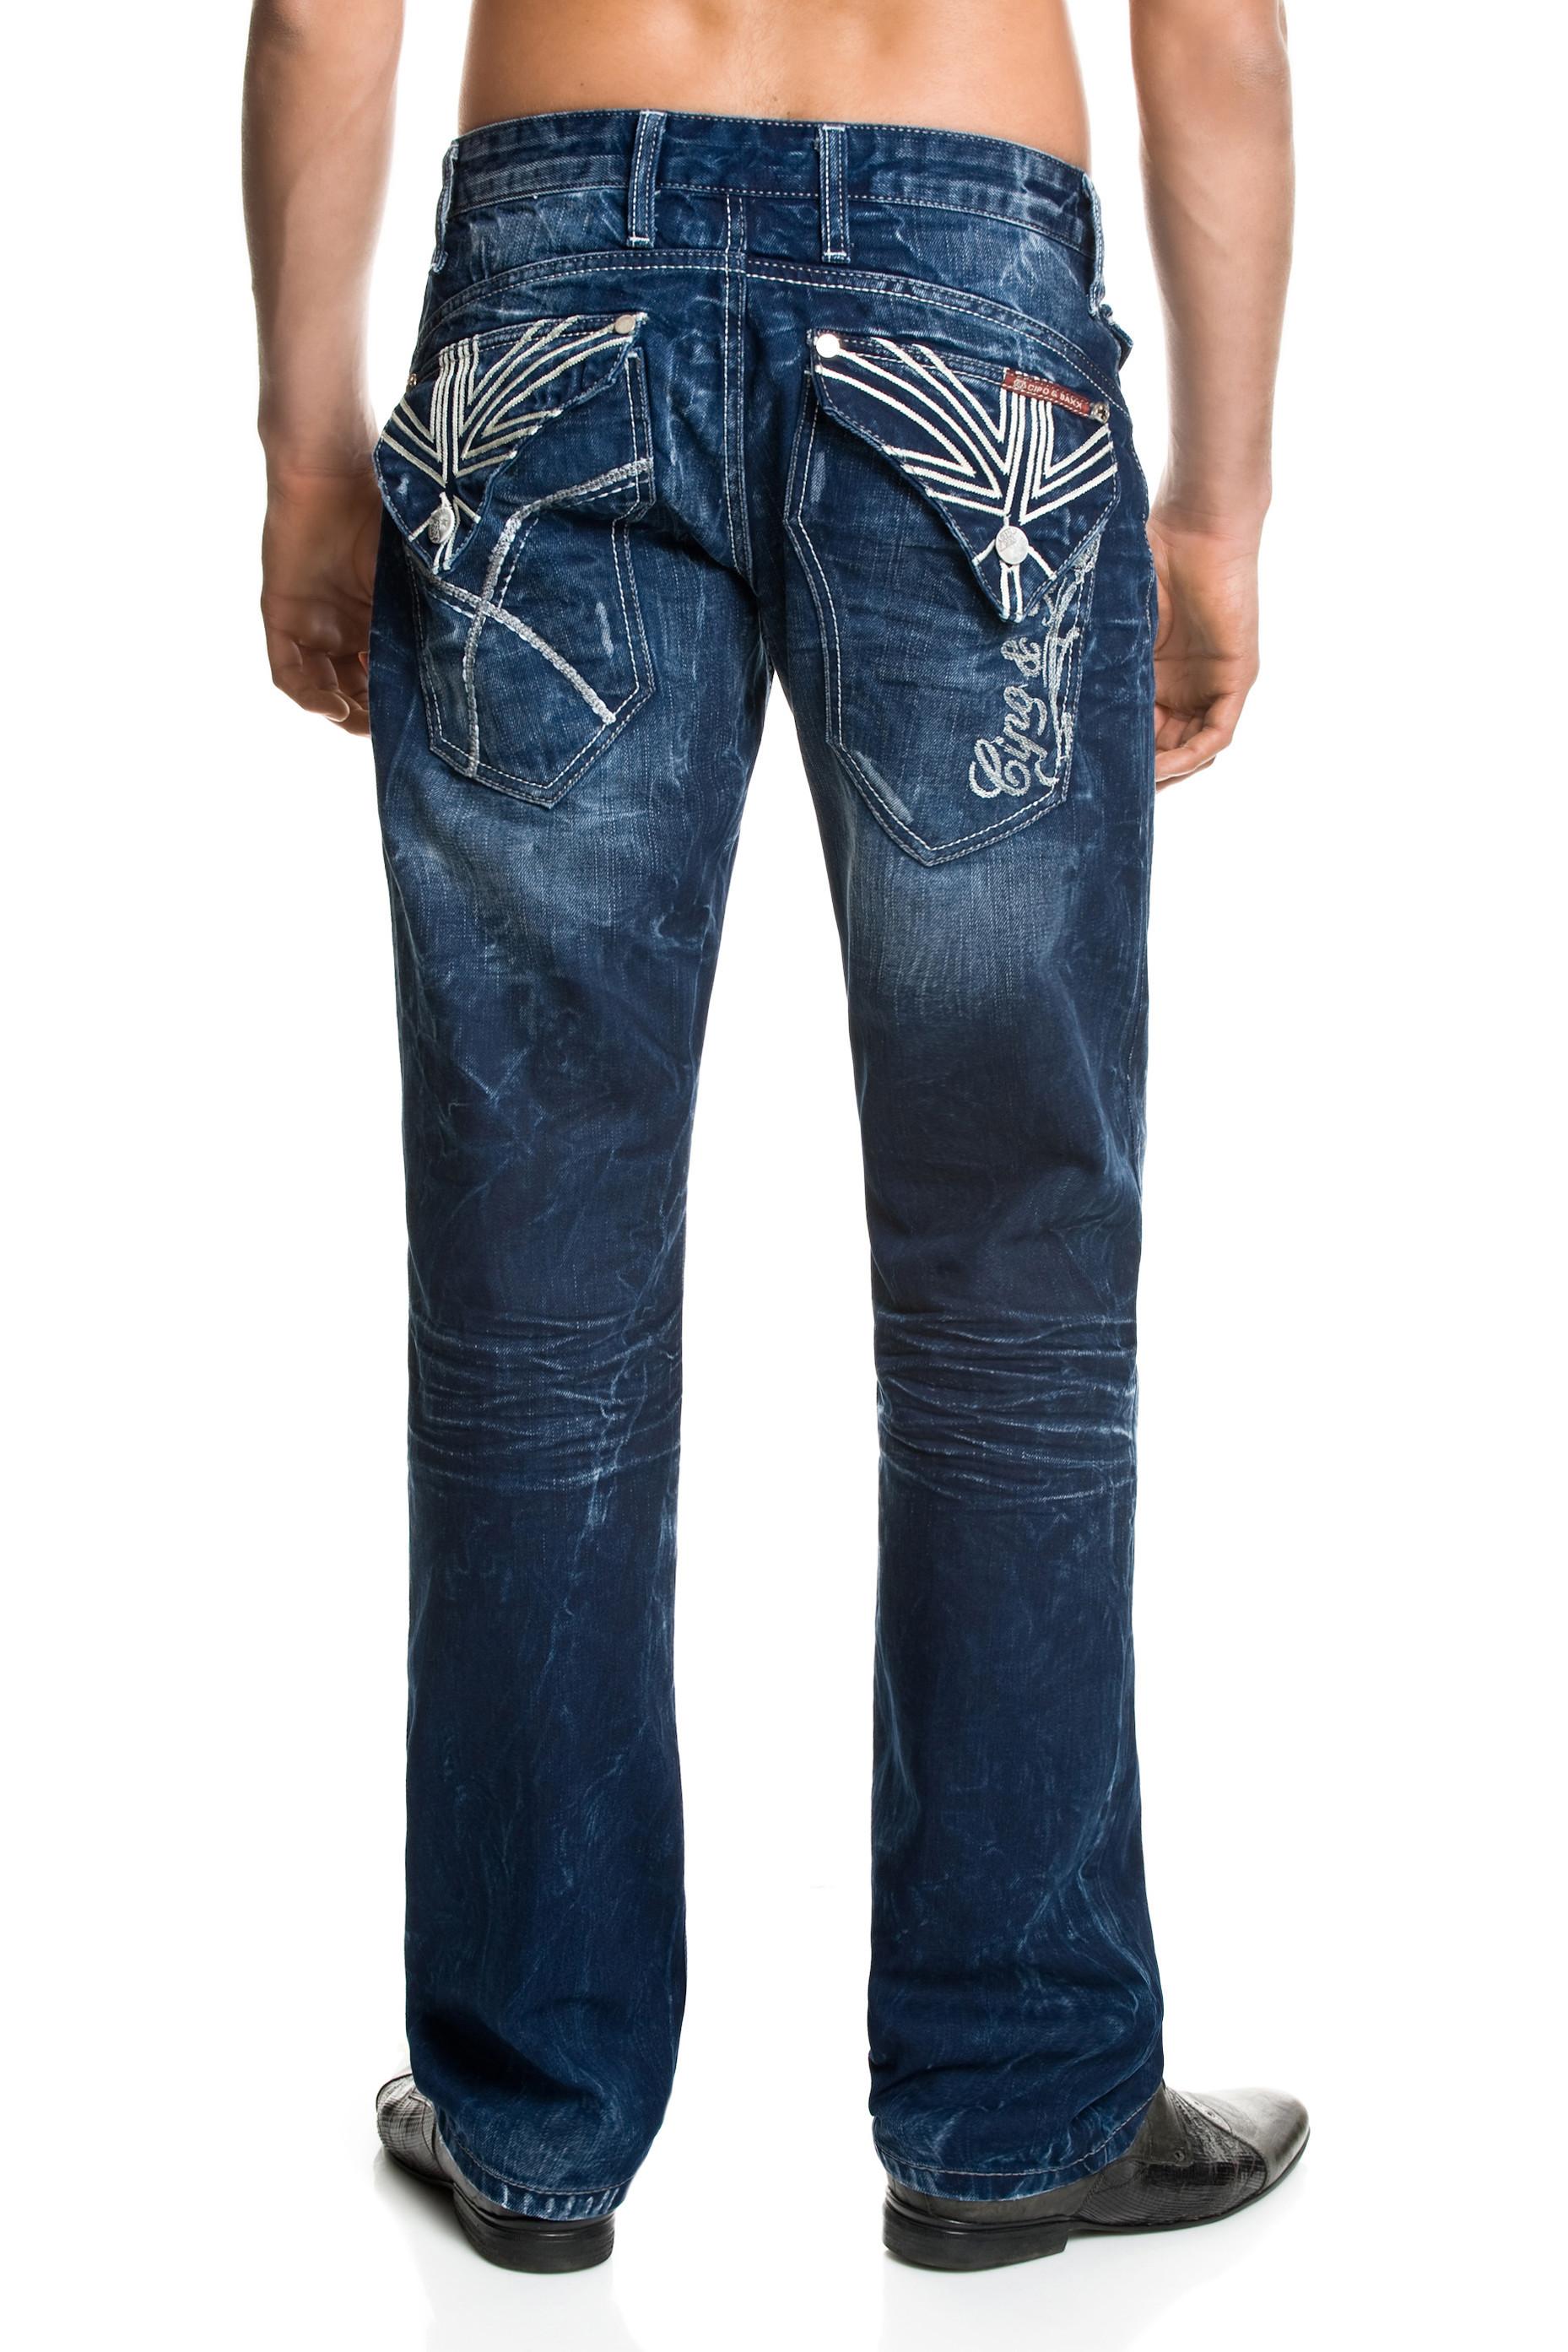 Cipo & Baxx Jeans C-0781